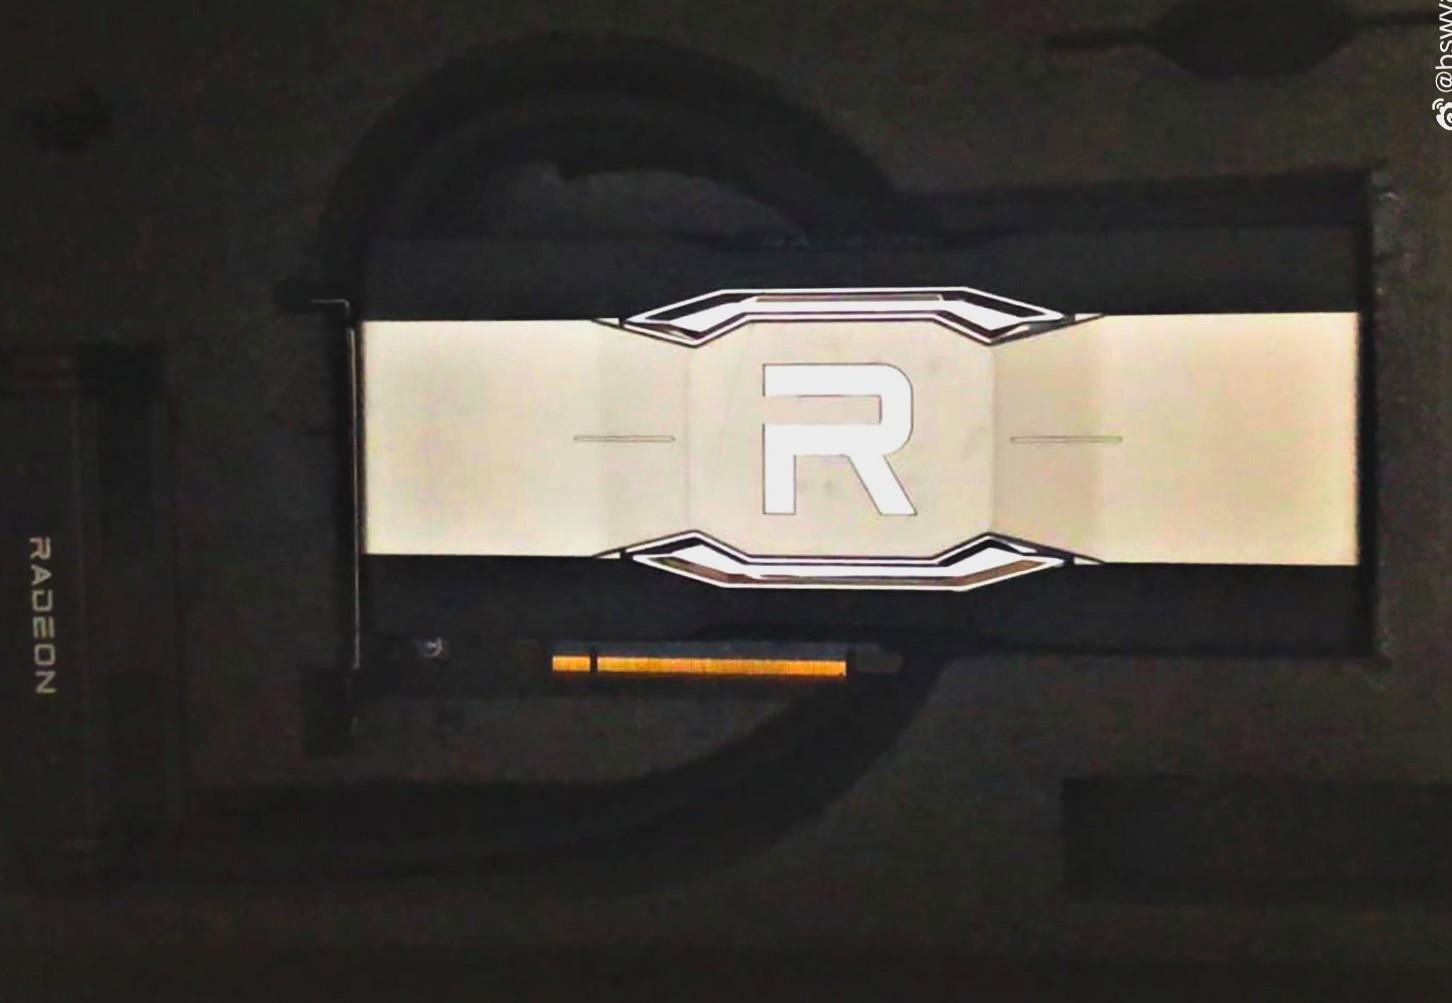 AMD-Radeon-RX-6900-XTX-Liquid-1.jpg